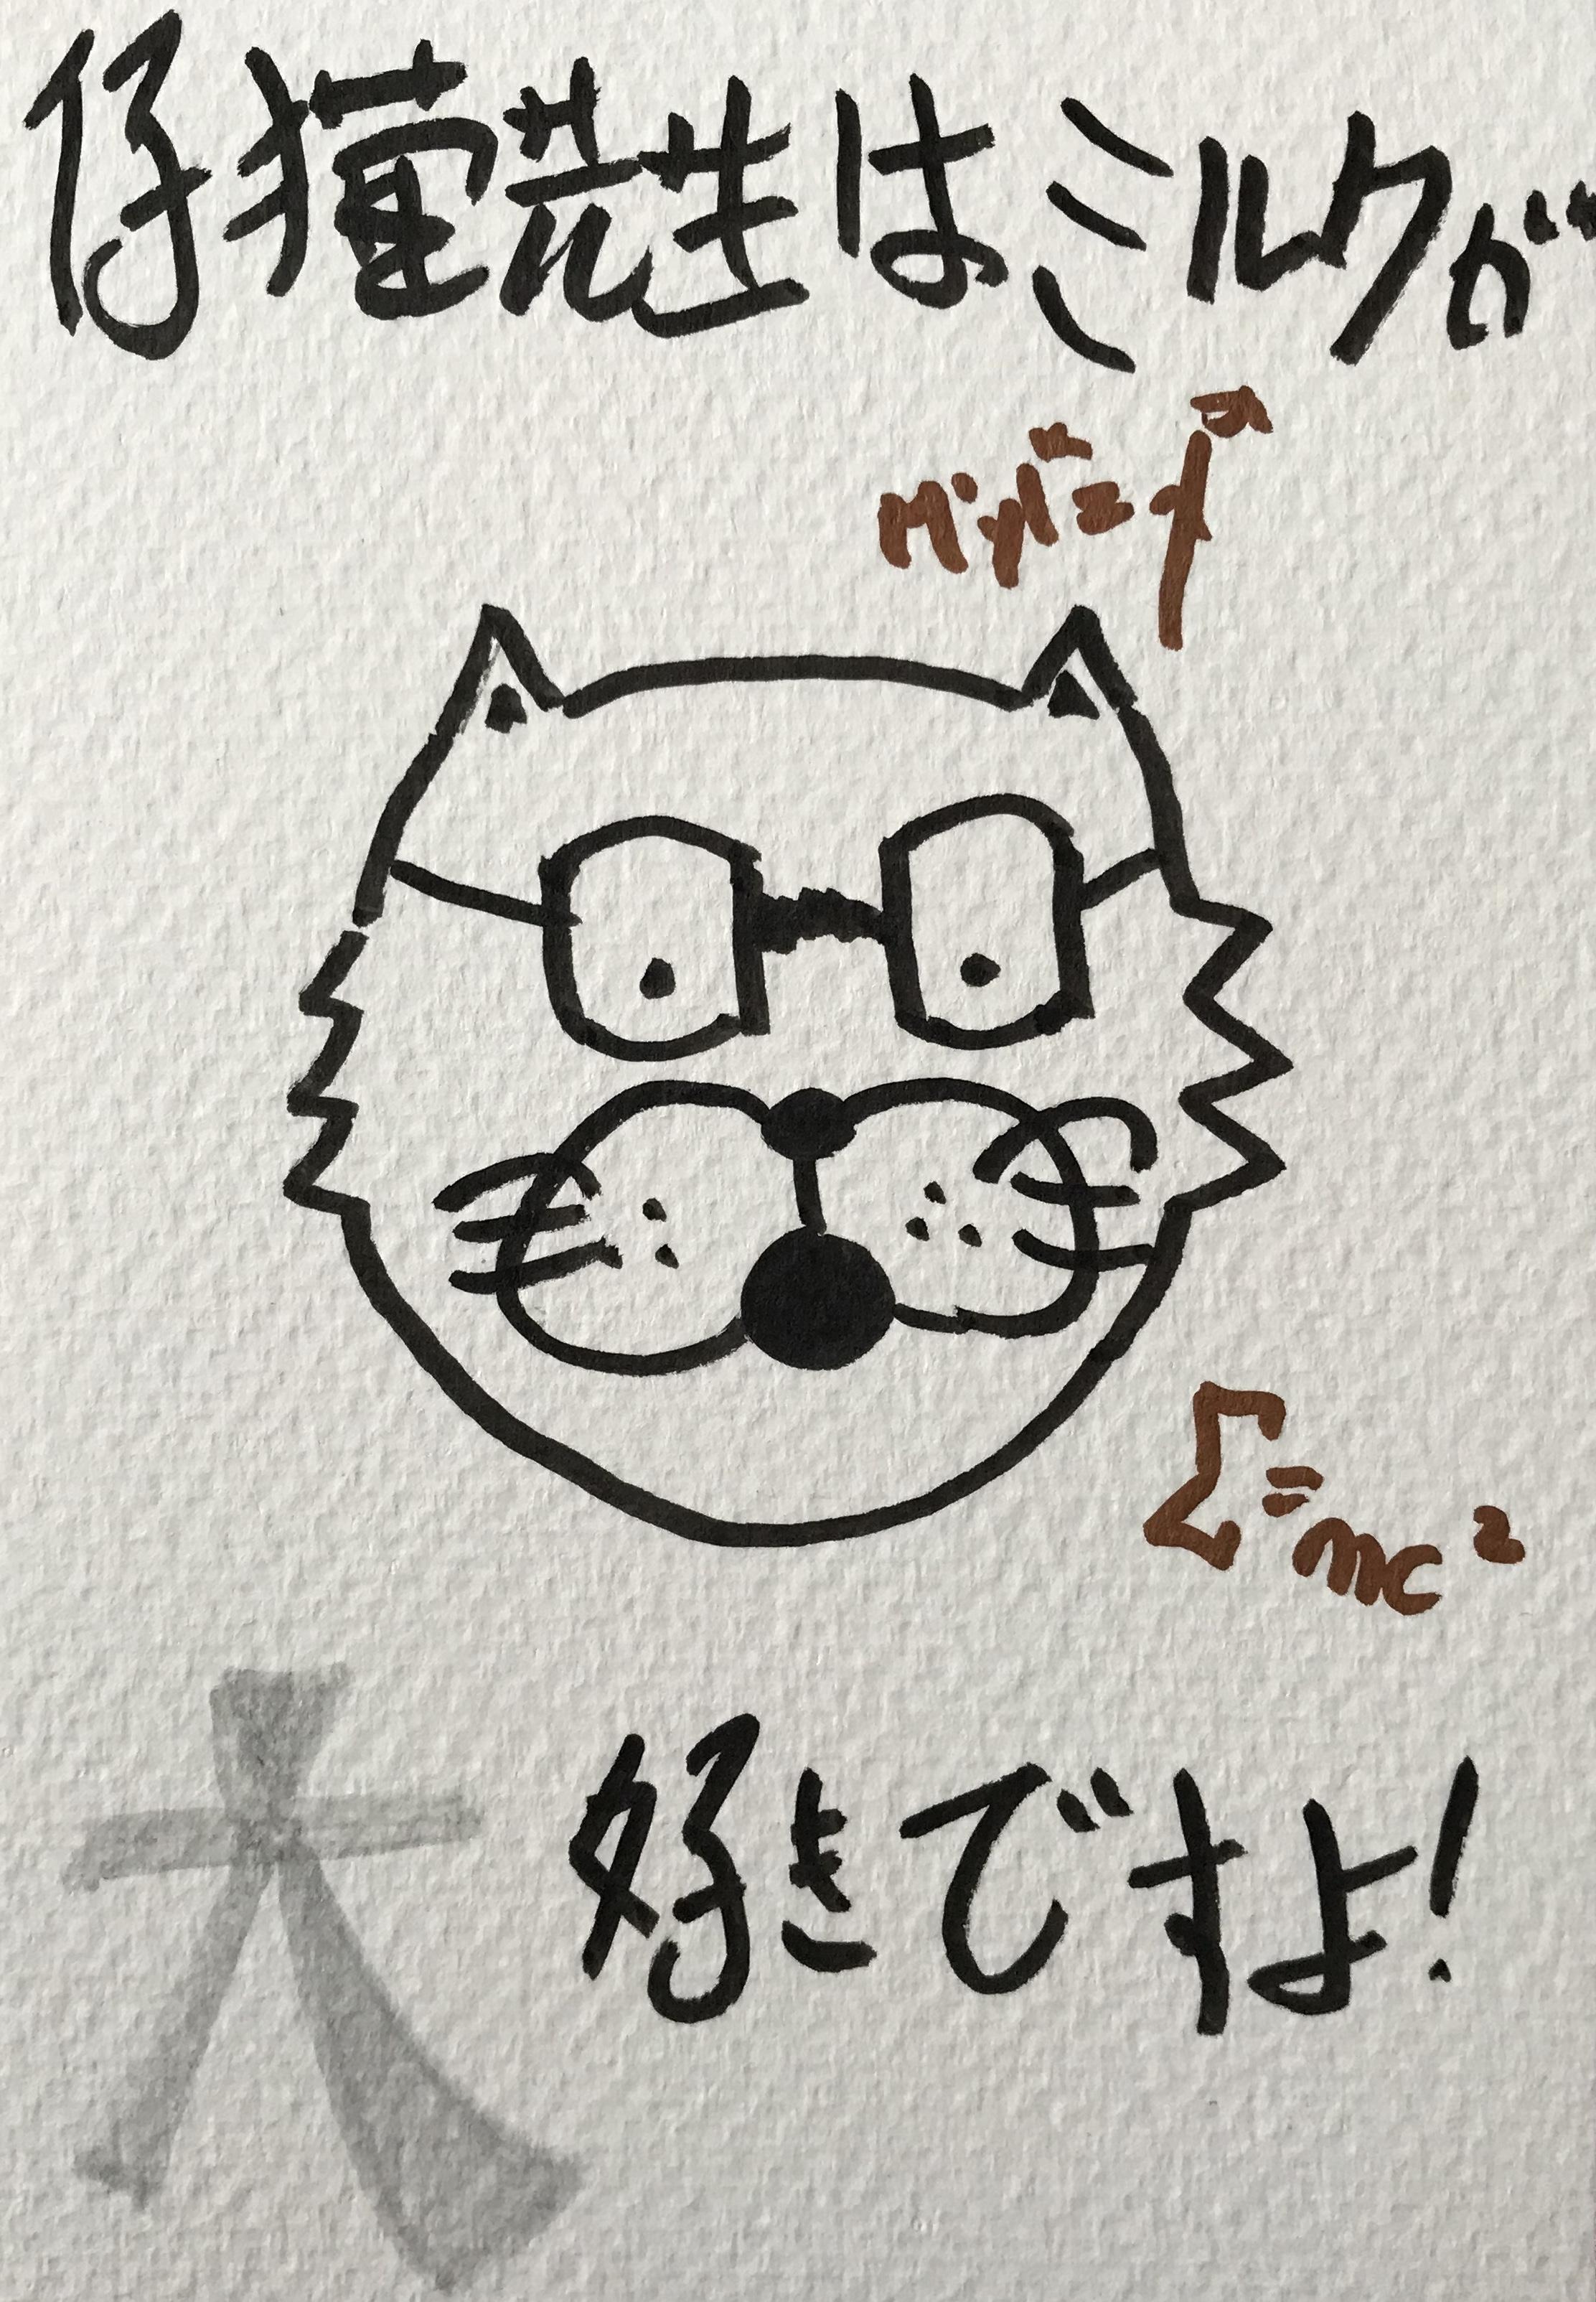 仔猫先生はミルクが大好きですよ miylk kitten art postcard marker calligraphy typography kawaii かわいい 描く コミックス ペン オタク